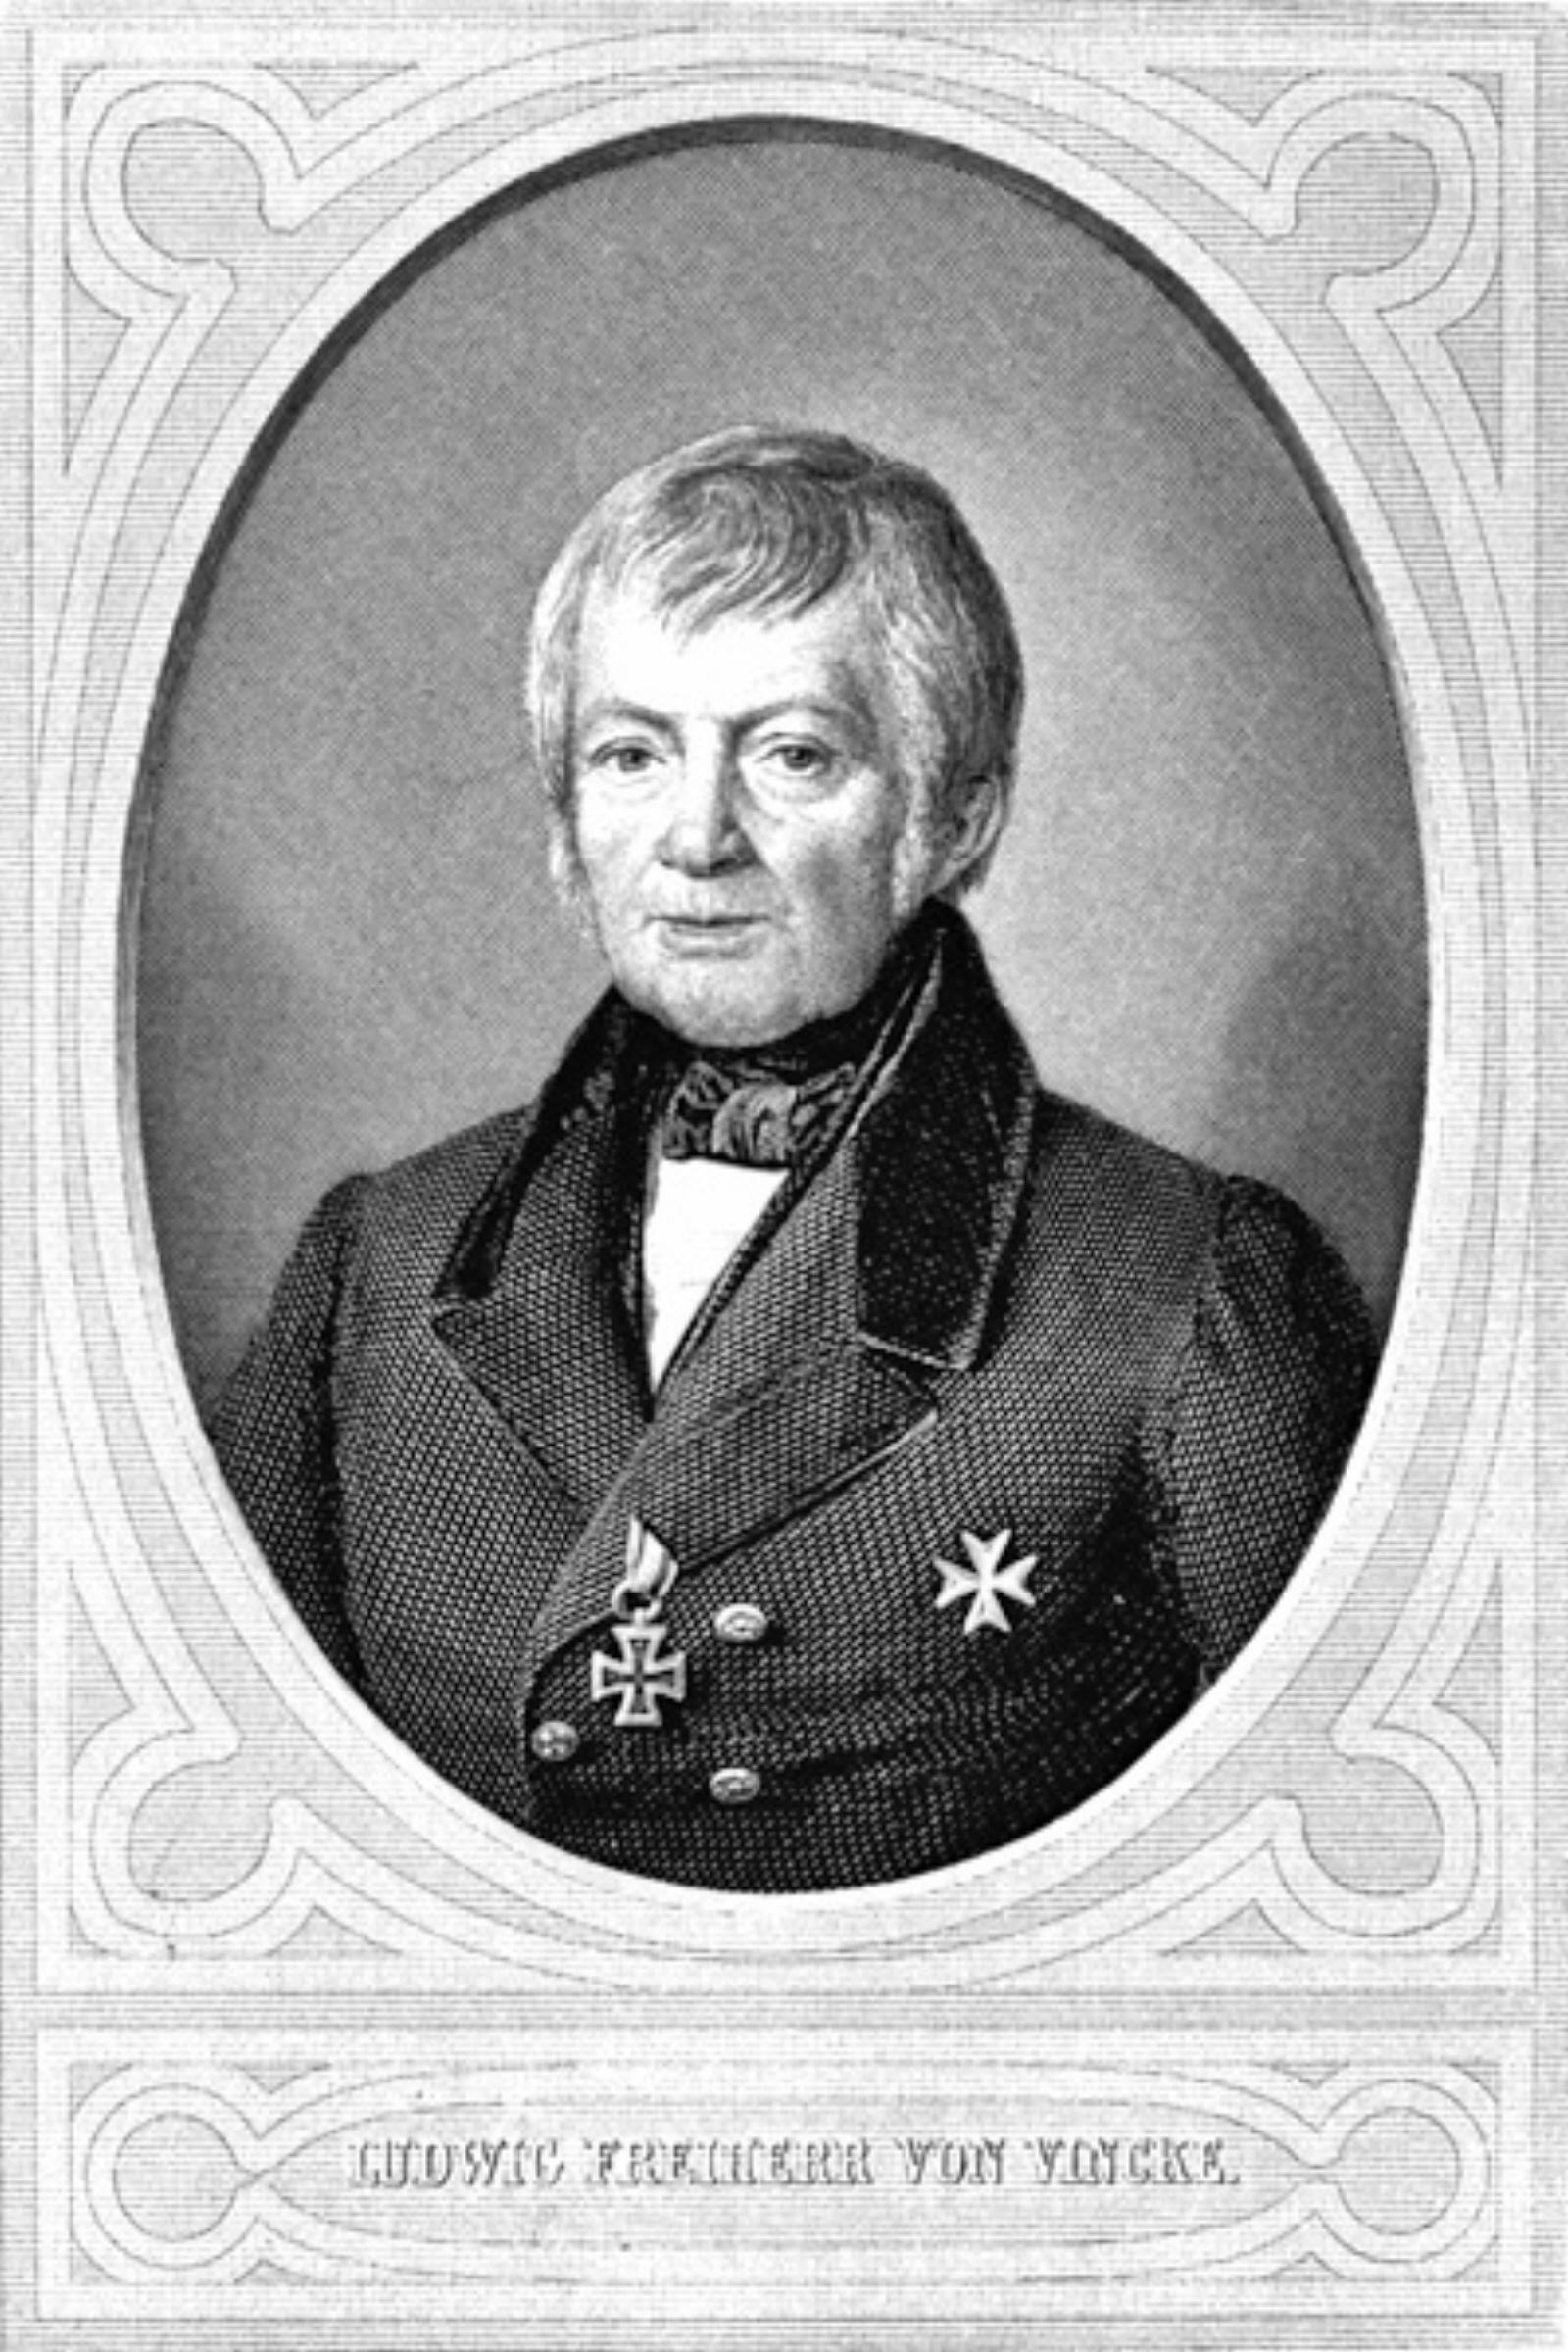 WP Ludwig von Vincke.jpg